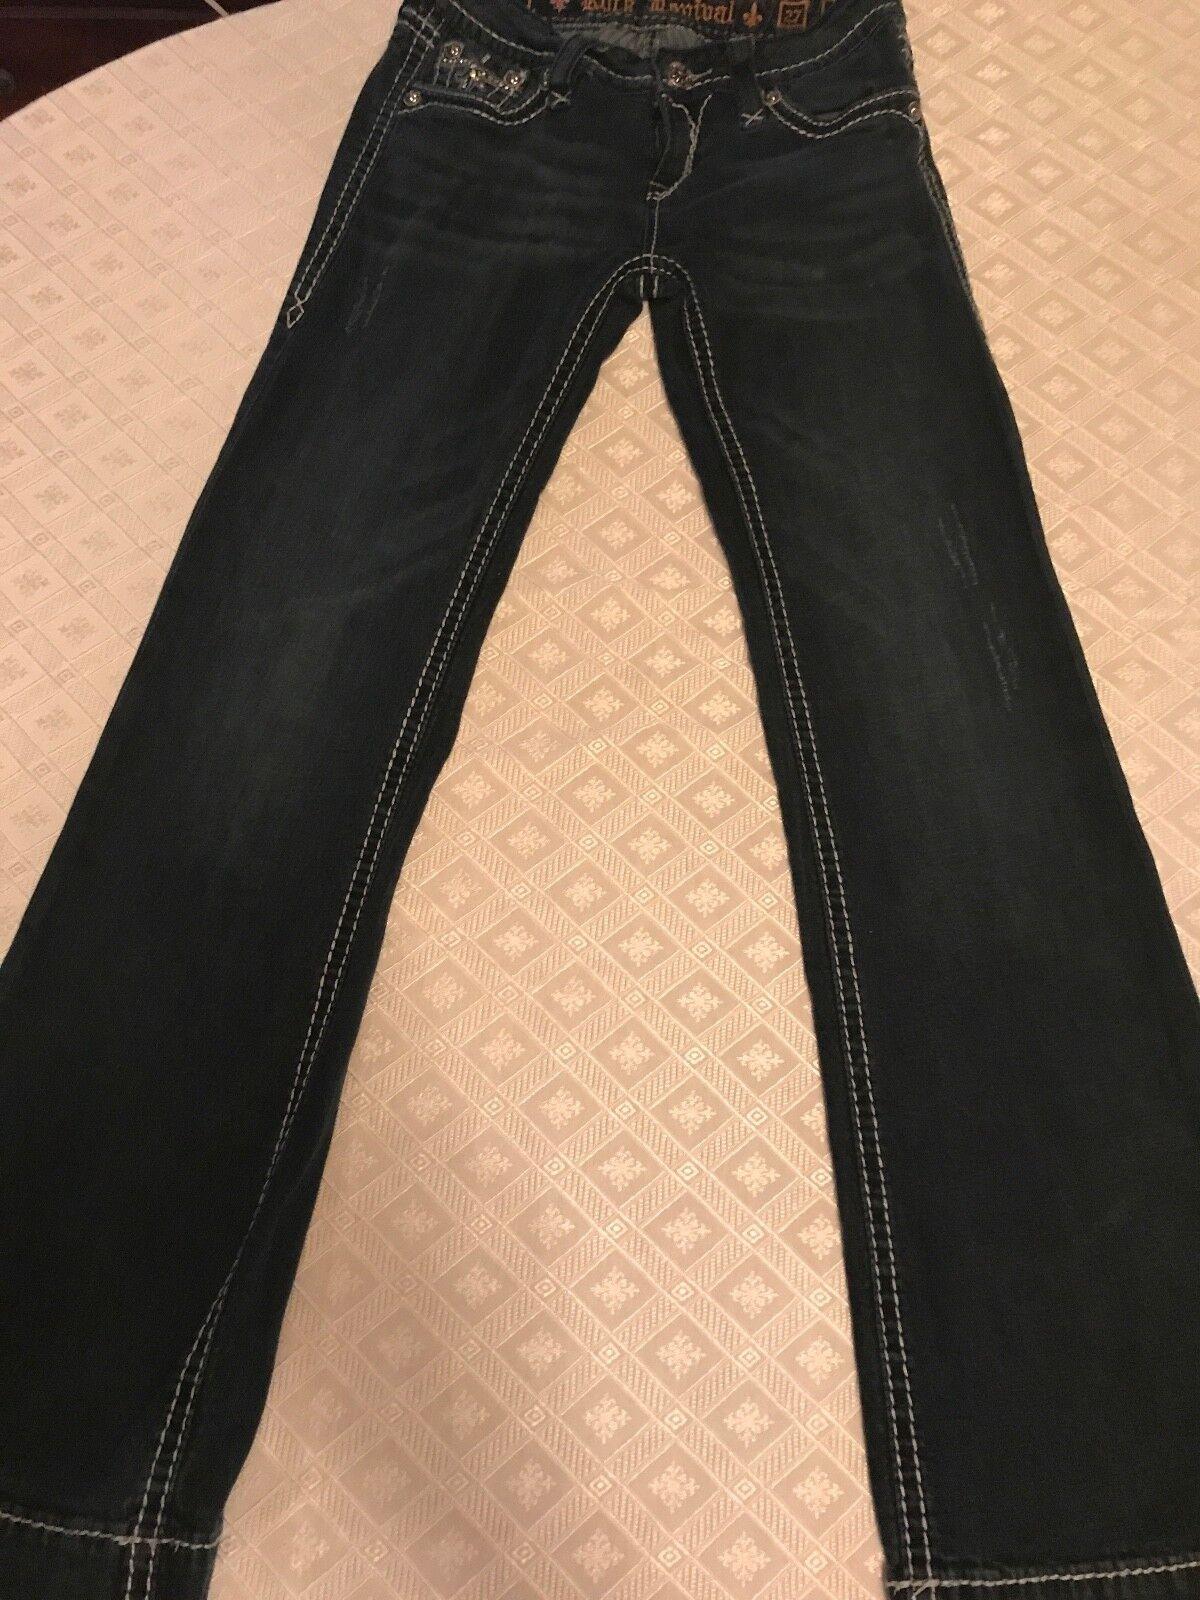 Women's distressed Rock Revival Sora wide leg denim jeans sz 27  Excellent Cond